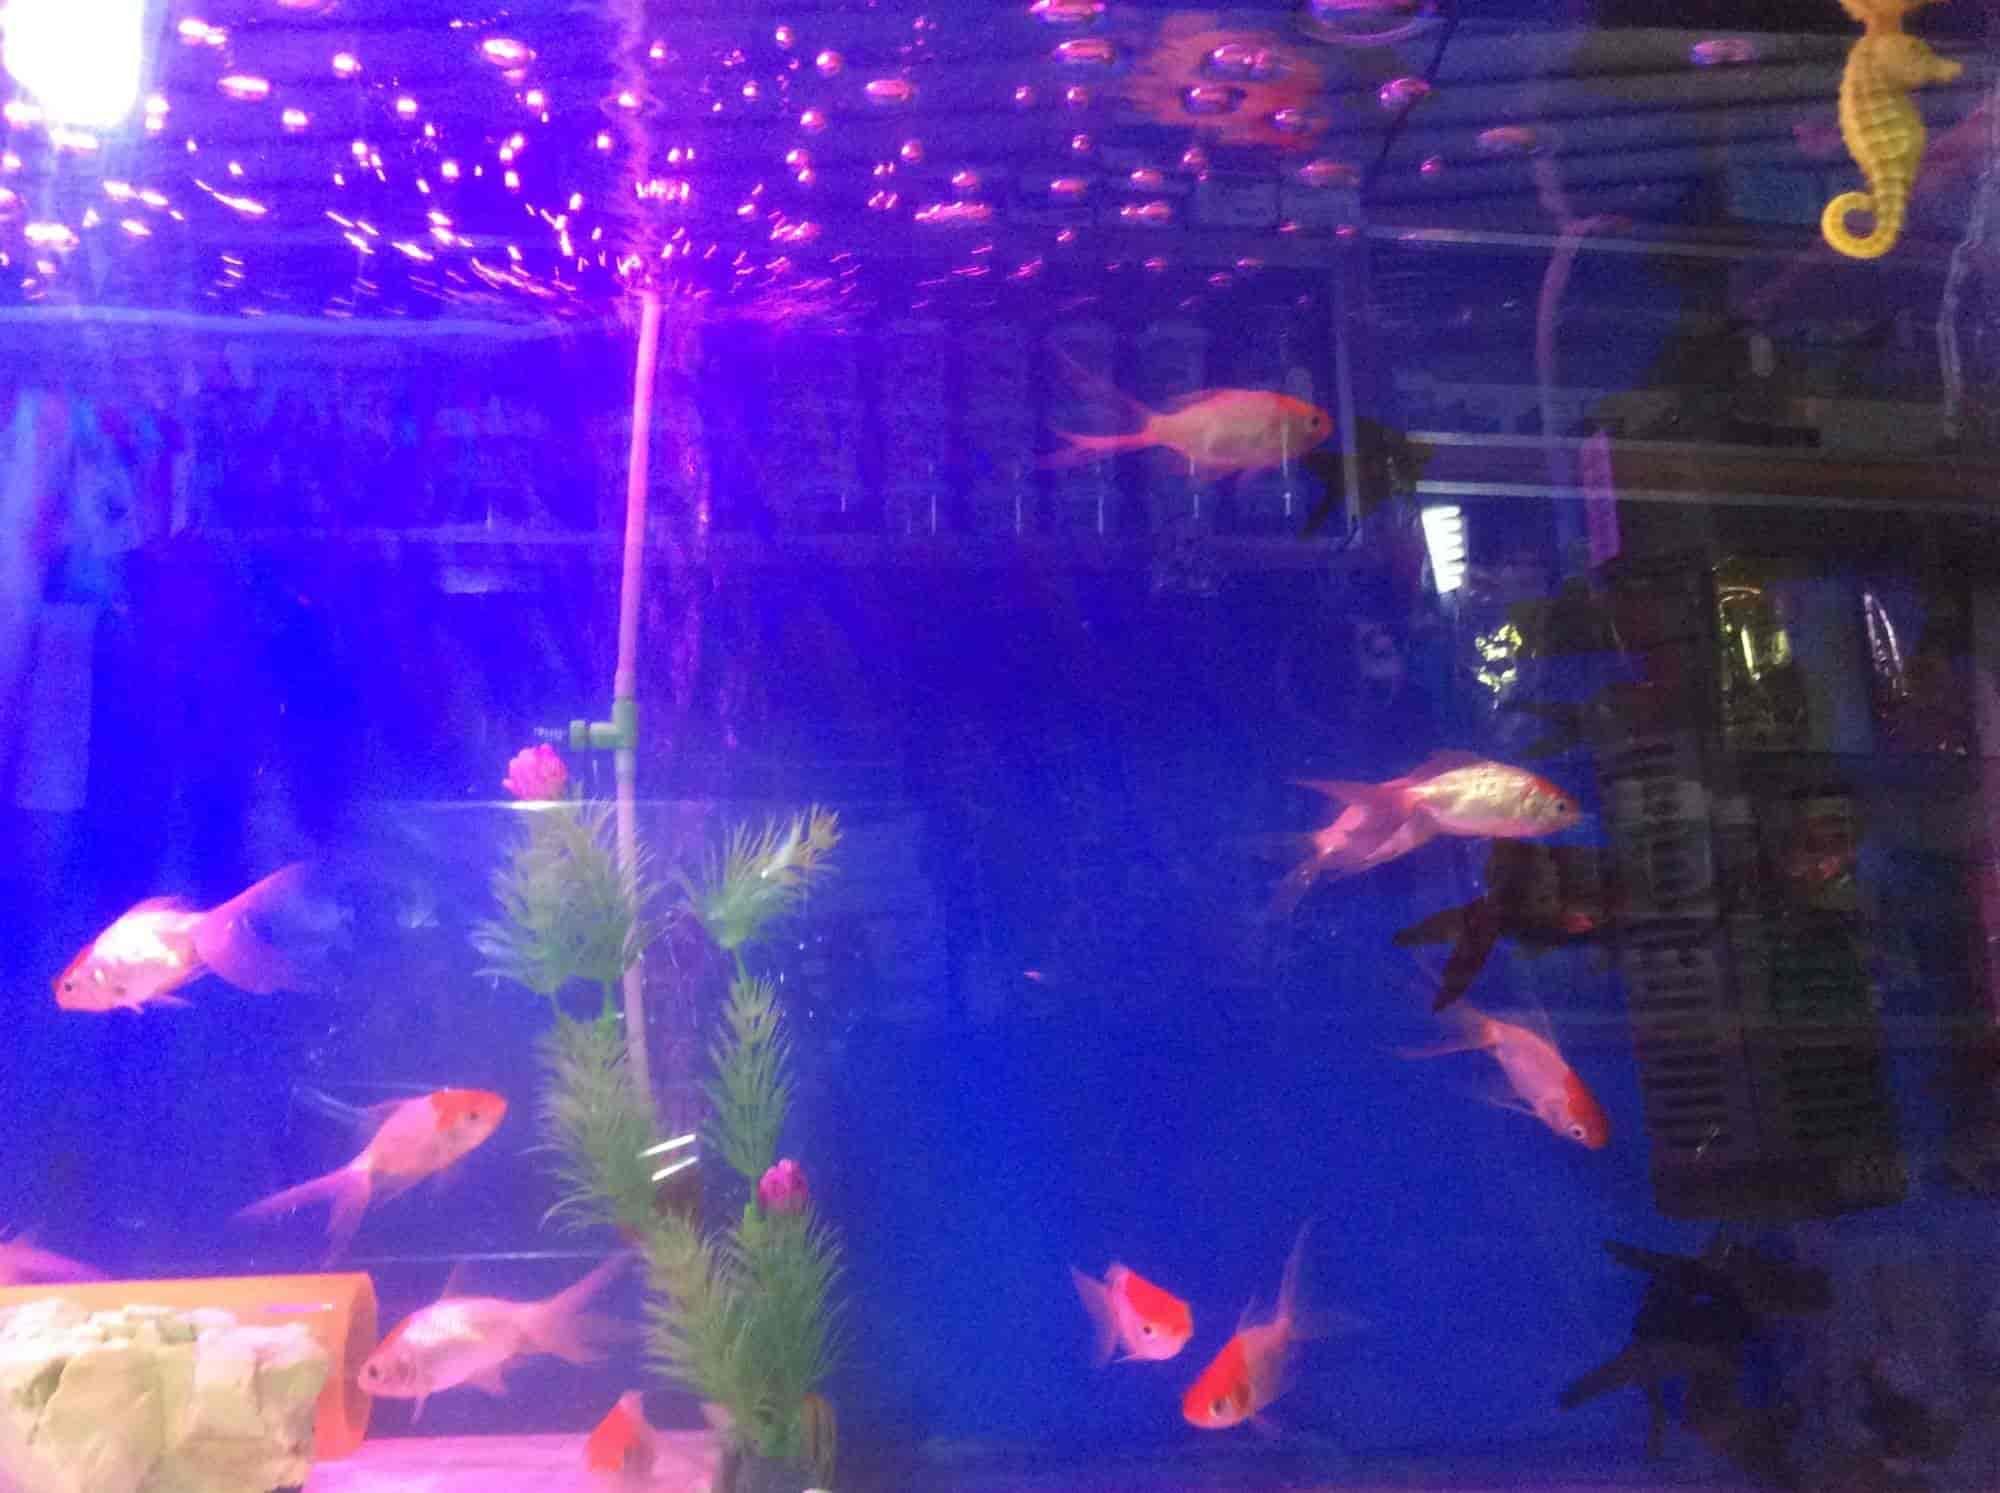 Fish Home Aquarium Kamal Chowk Aquariums in Nagpur Justdial